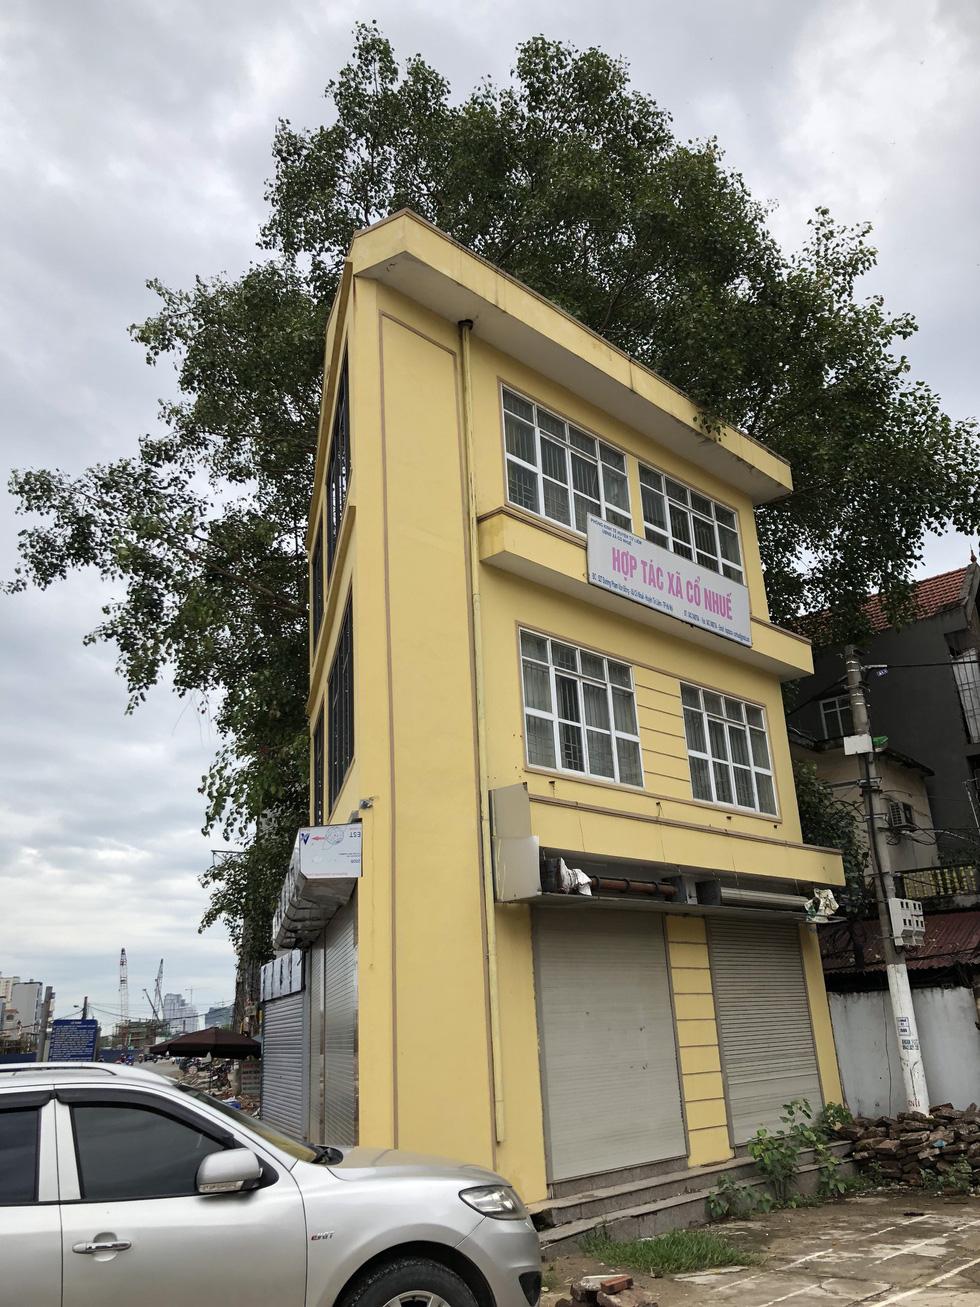 Những ngôi nhà kì dị chỉ có ở phố Phạm Văn Đồng - Ảnh 3.